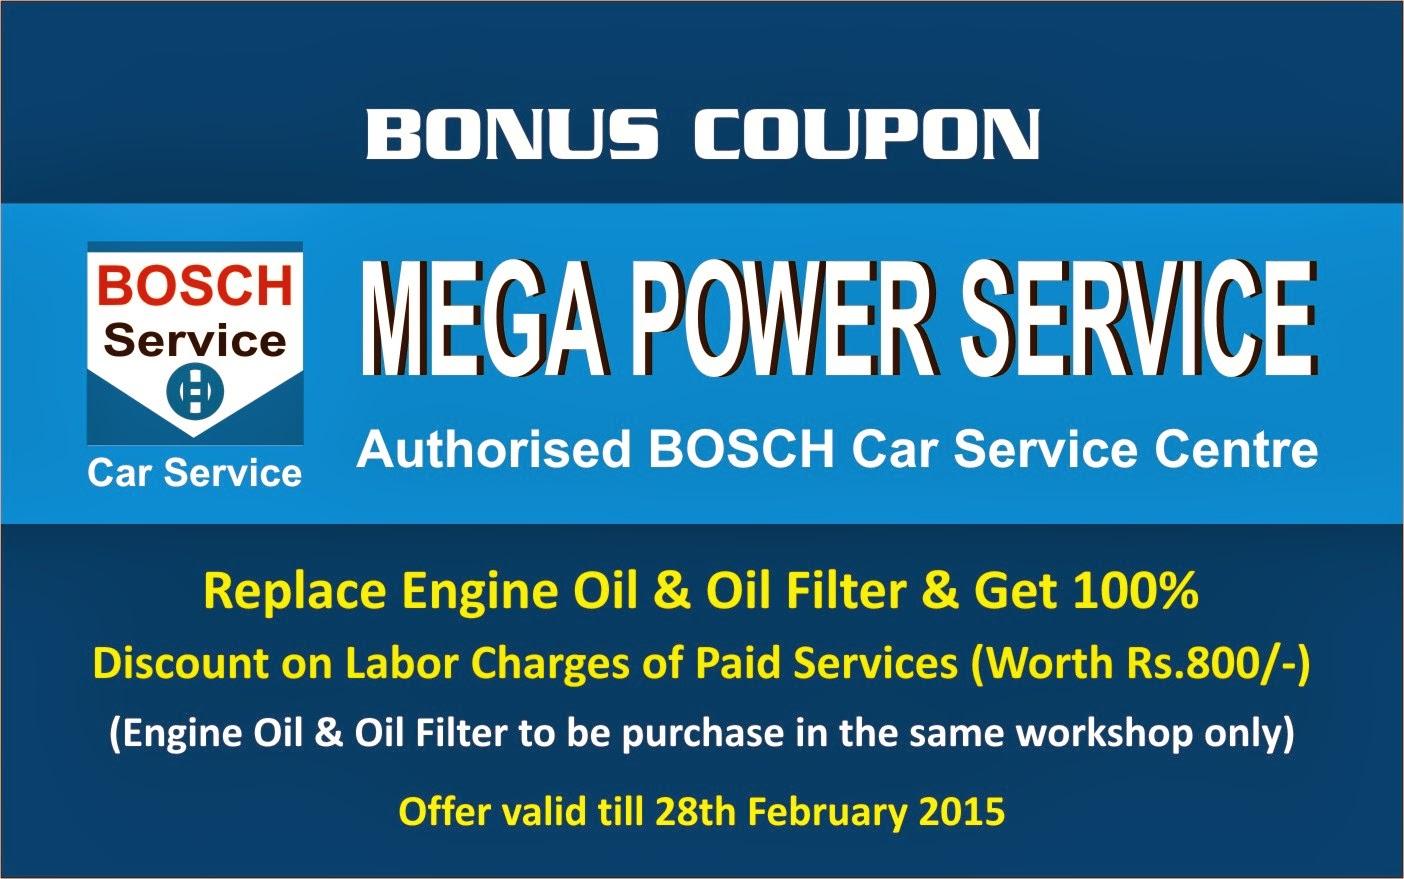 Car service discount coupons